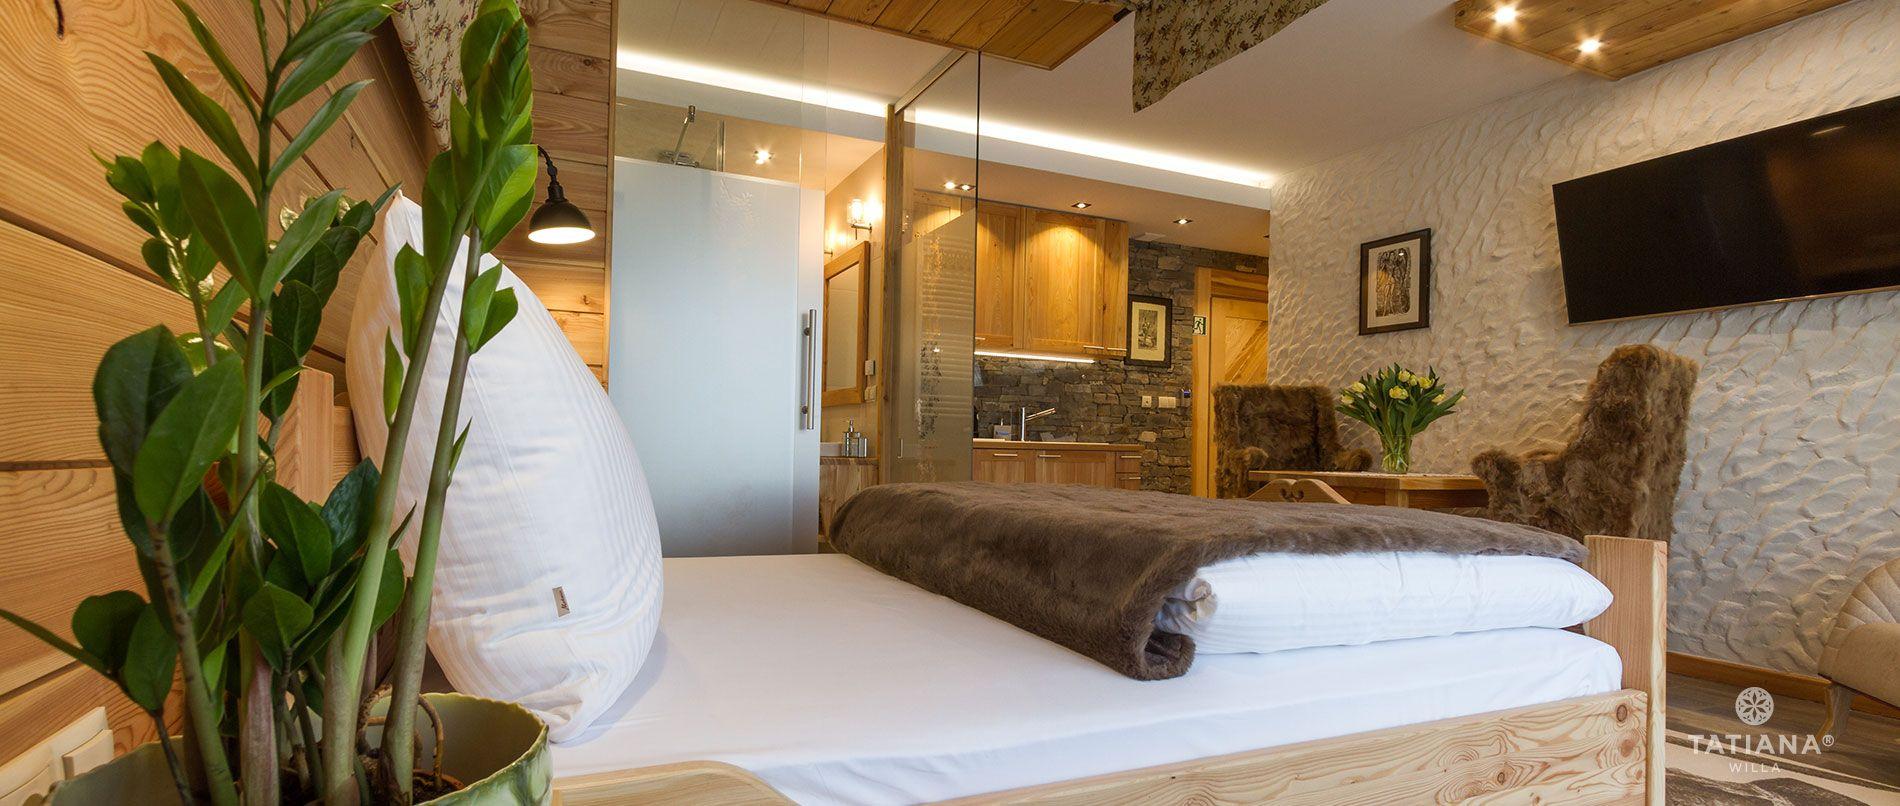 Apartament Modrzewiowy - sypialnia